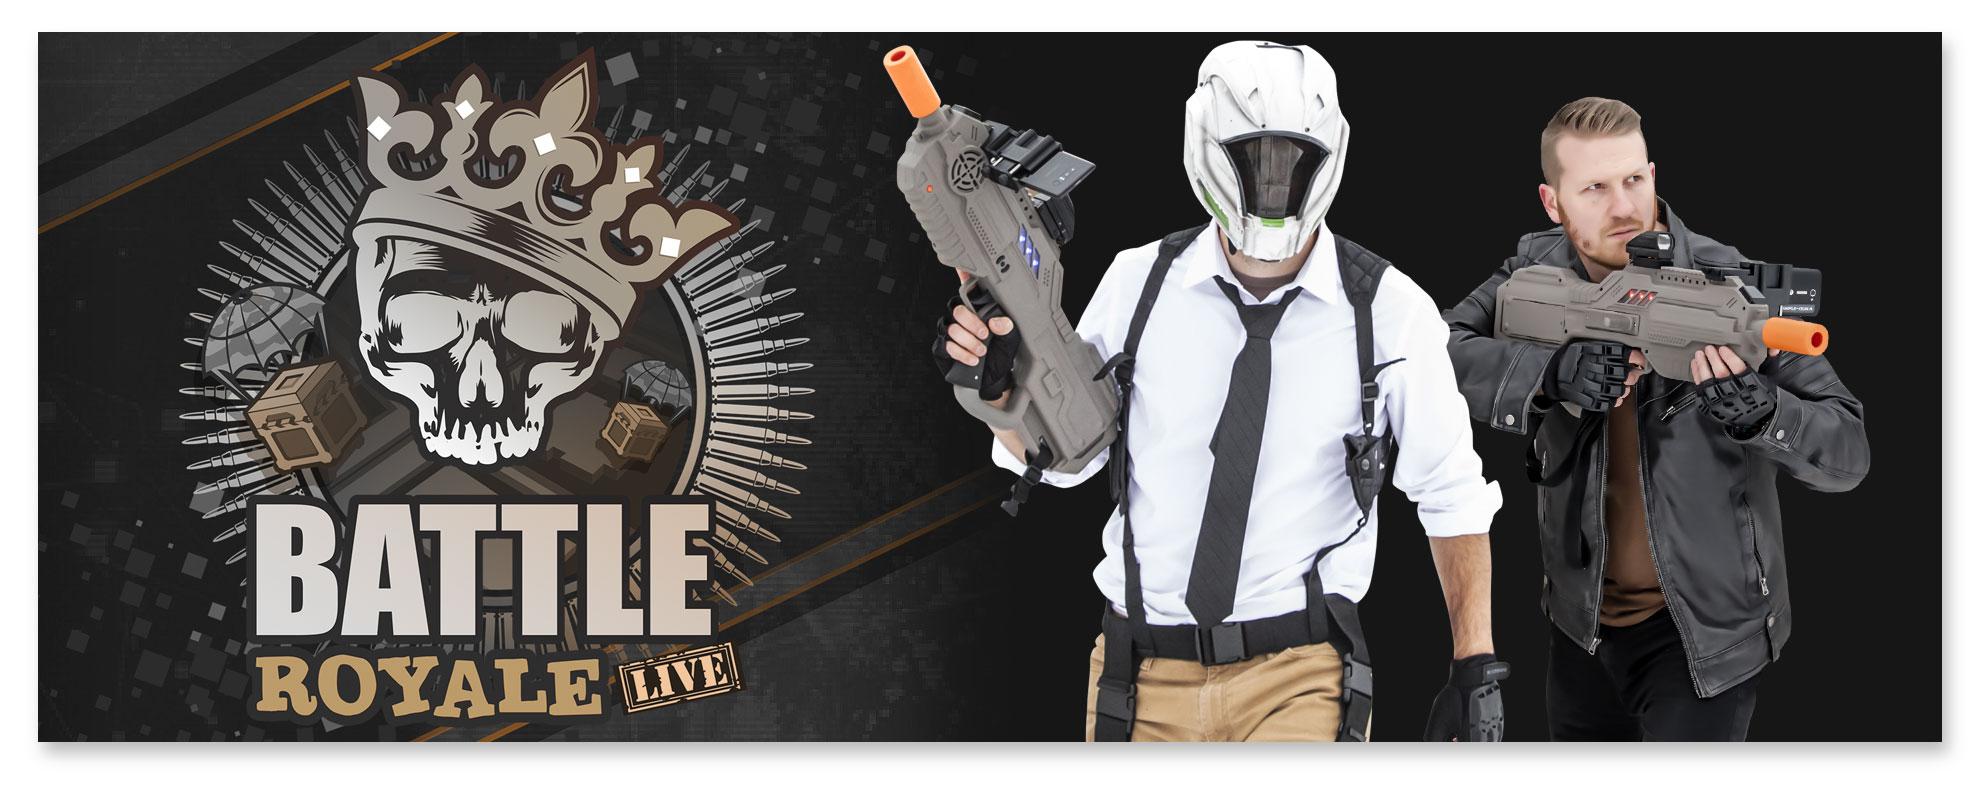 battle-royale-laser-tag